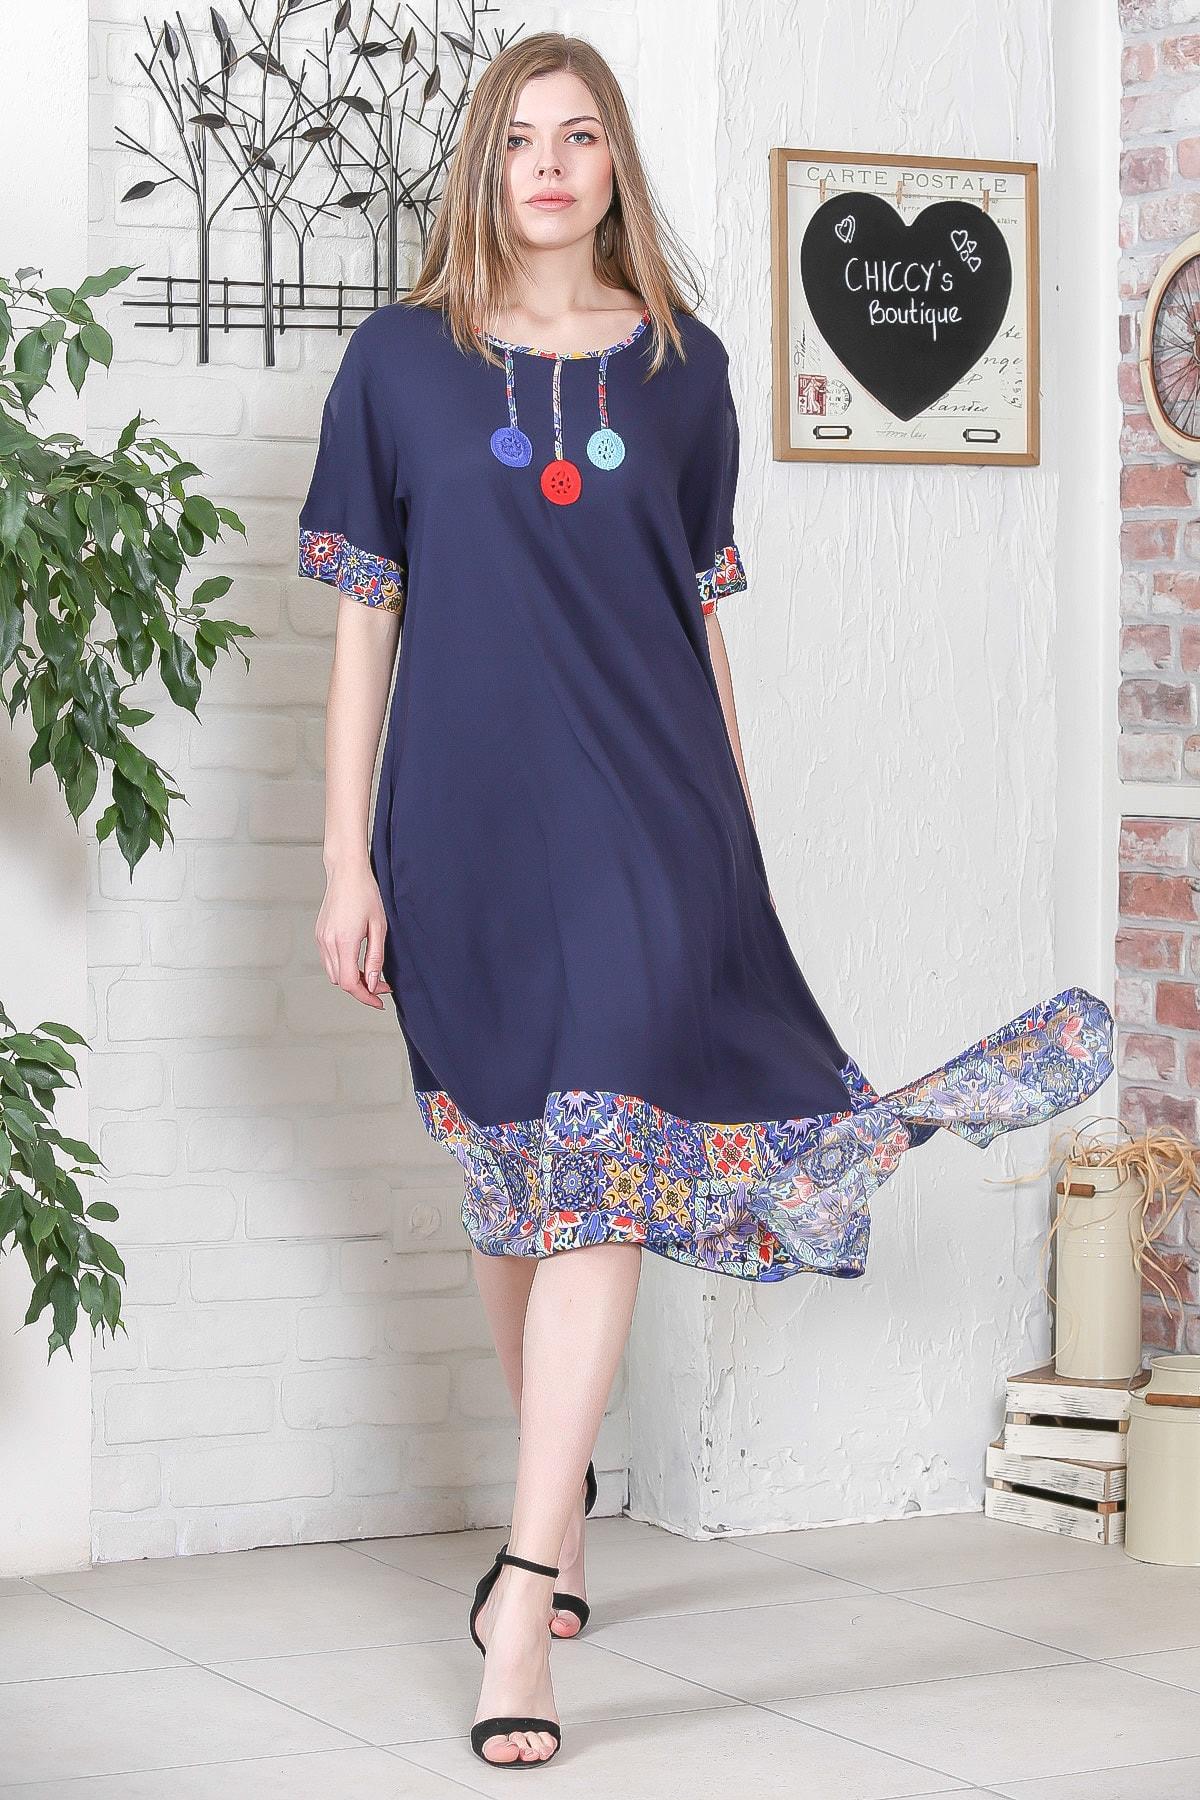 Chiccy Kadın Lacivert El İşi Çiçek İşlemeli Kol Ve Etek Ucu Çini Desen Bloklu Cepli Elbise M10160000EL95276 2